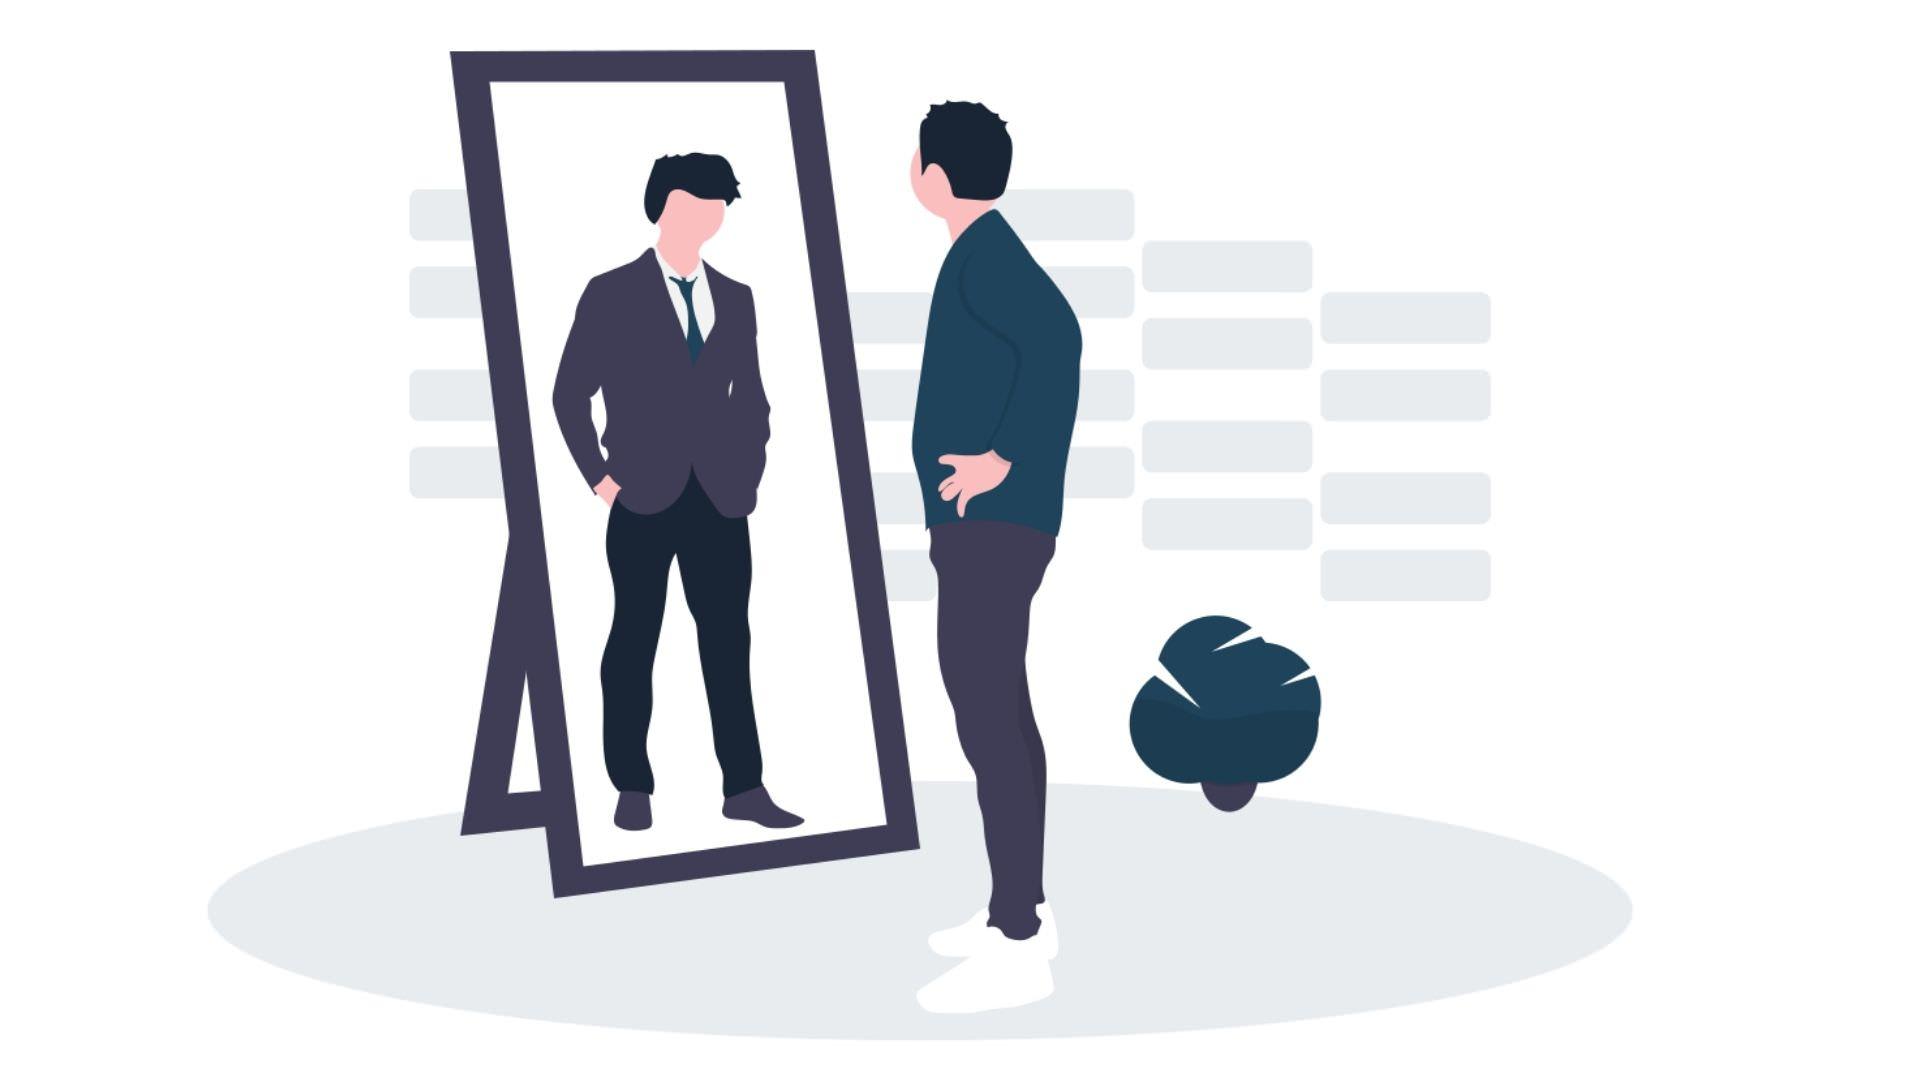 鏡に写る自分を見る男性